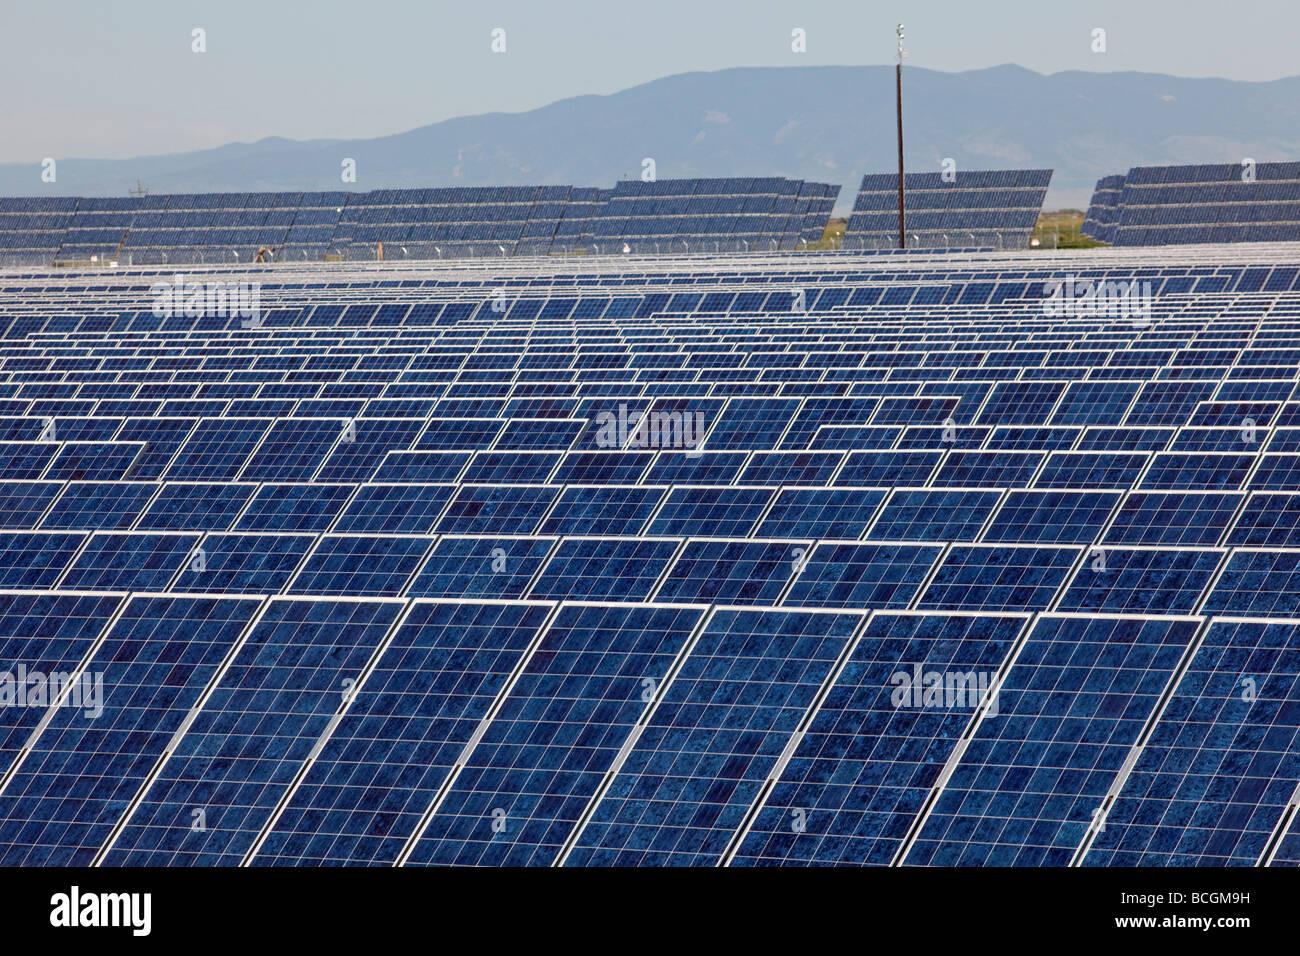 Colectores solares fotovoltaicos en la mayor planta de energía fotovoltaica en los Estados Unidos Imagen De Stock